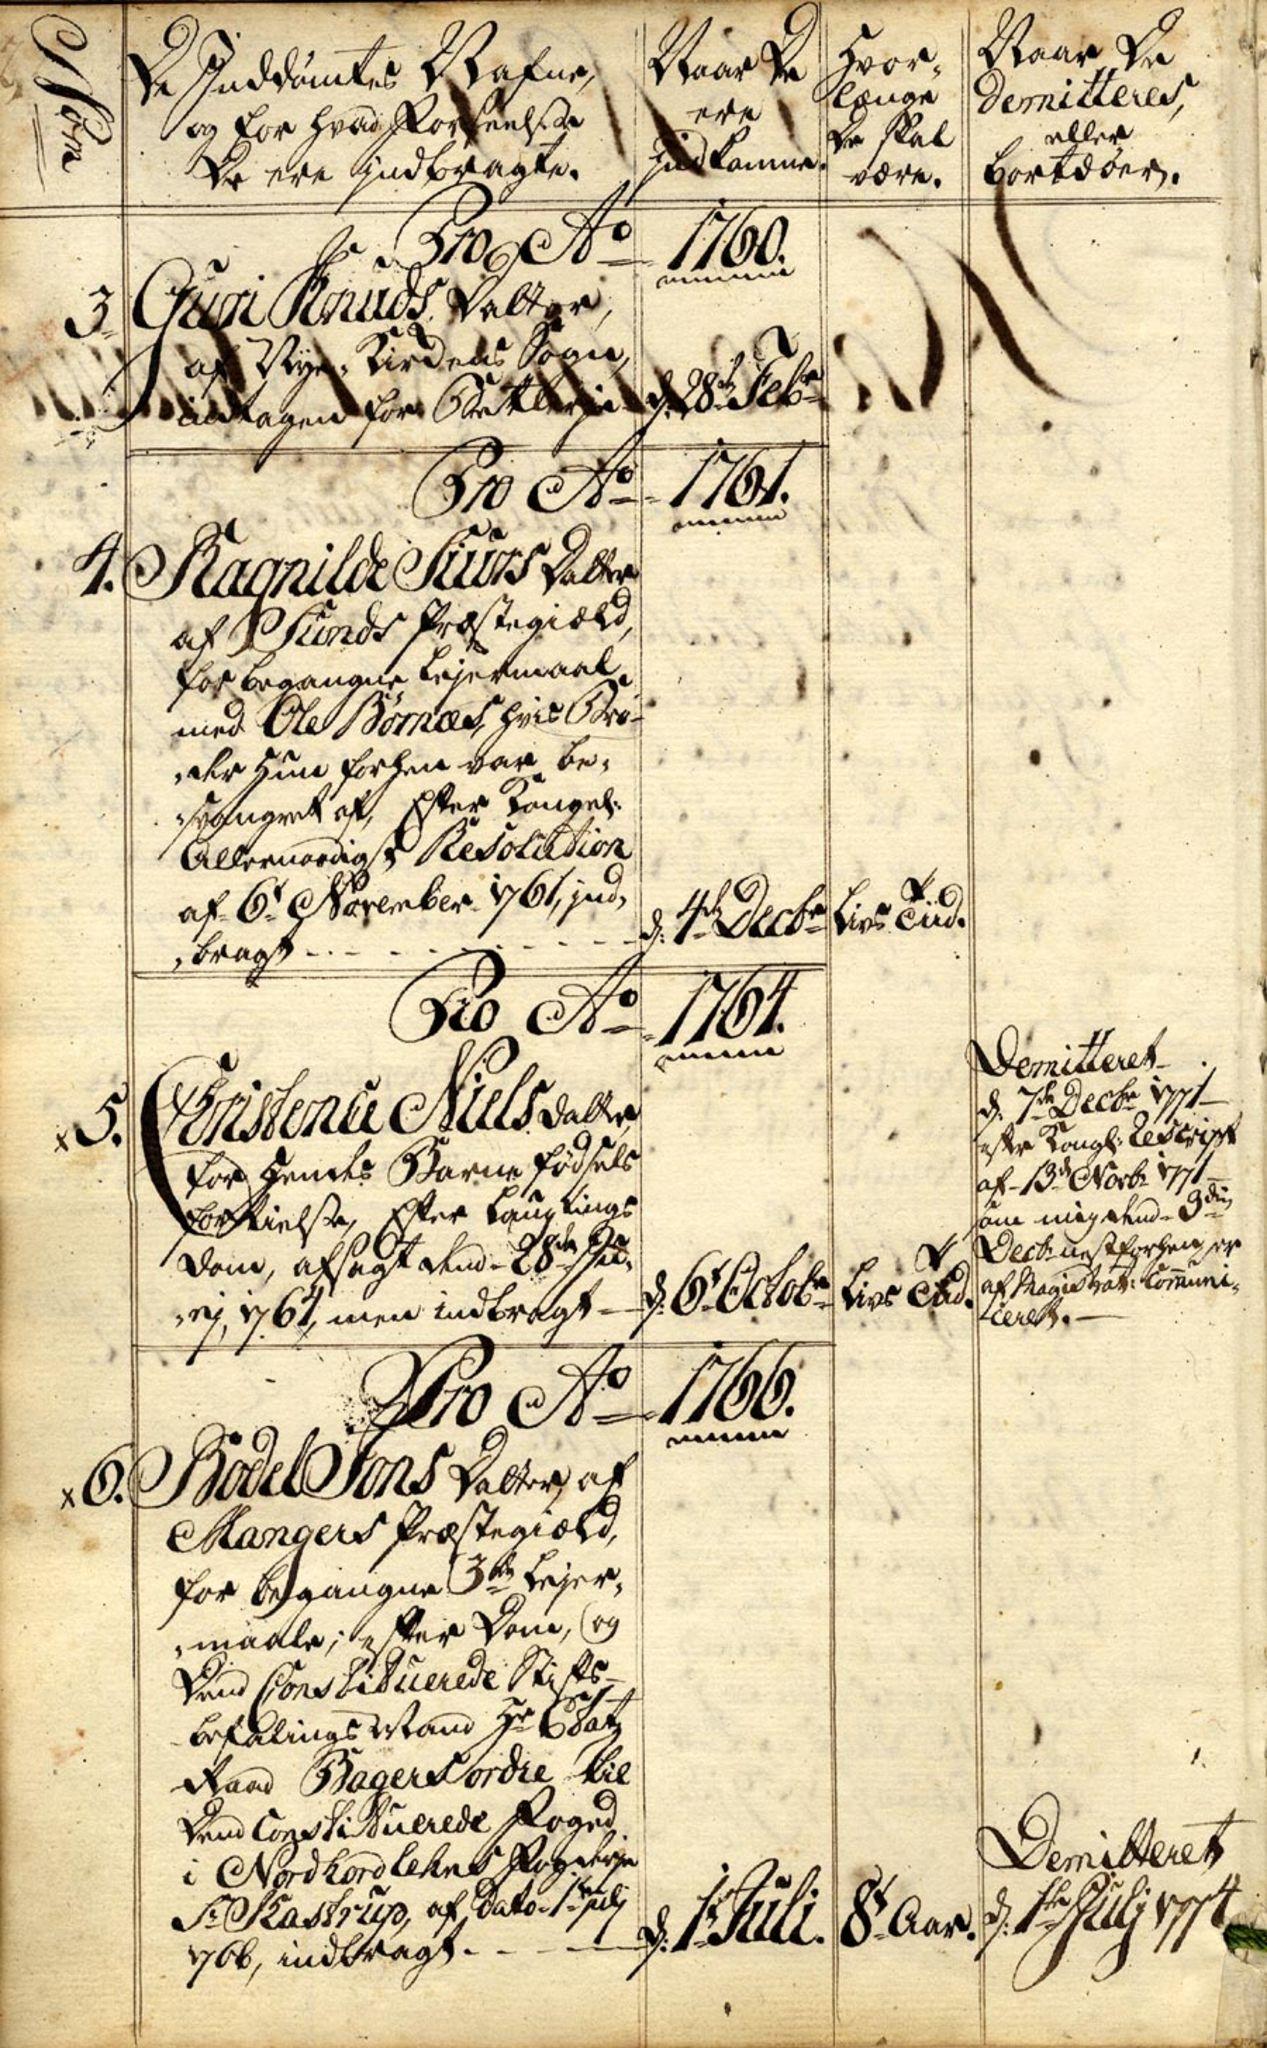 SAB, Bergen tukt- og manufakturhus, 1771-1776, s. 2